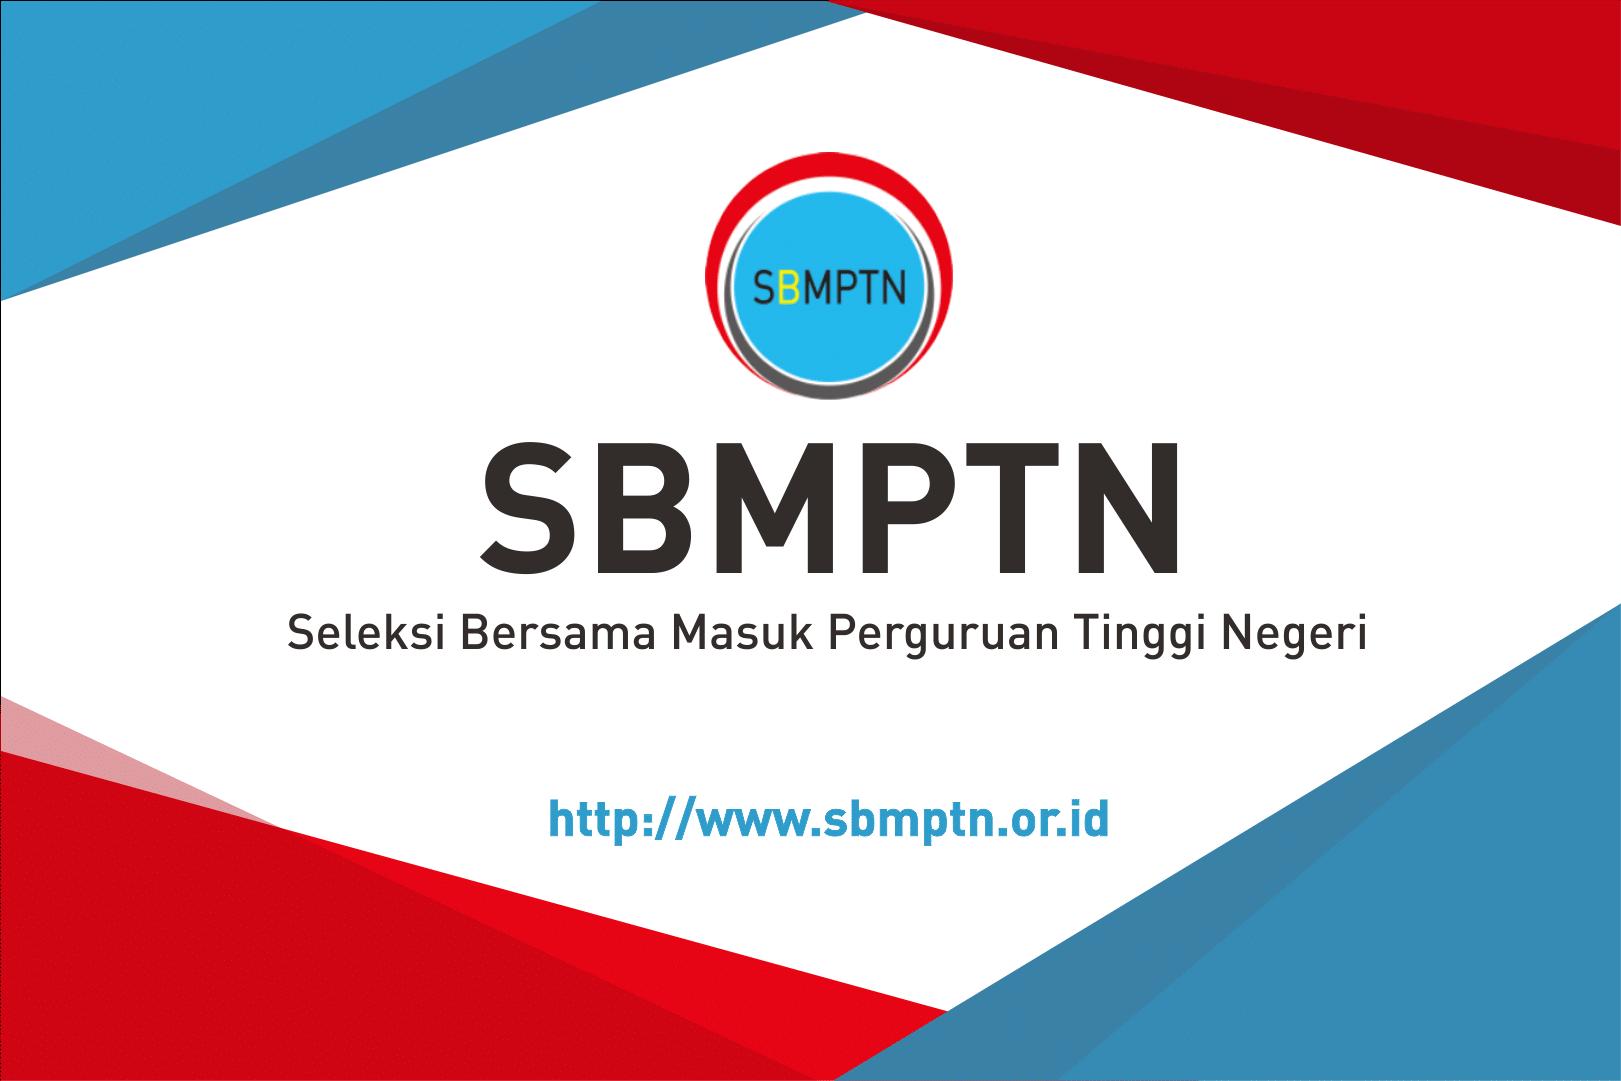 Prodi Dengan Nilai Tertinggi SBMPTN